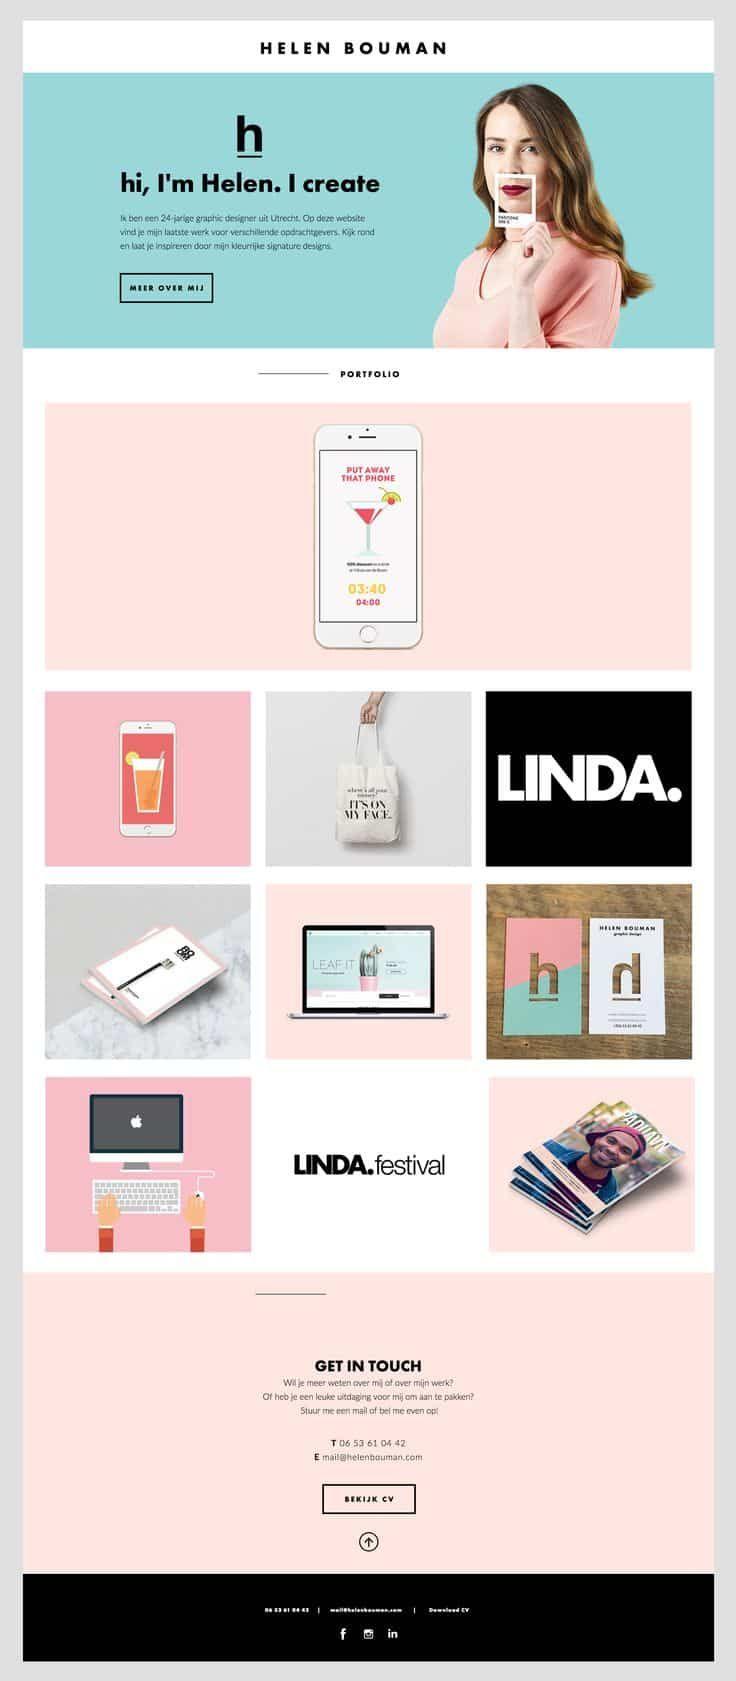 Simple But Creative Portfolio Website Design For Graphic Designer Portfolio Website Design Freelance Graphic Design Portfolio Website